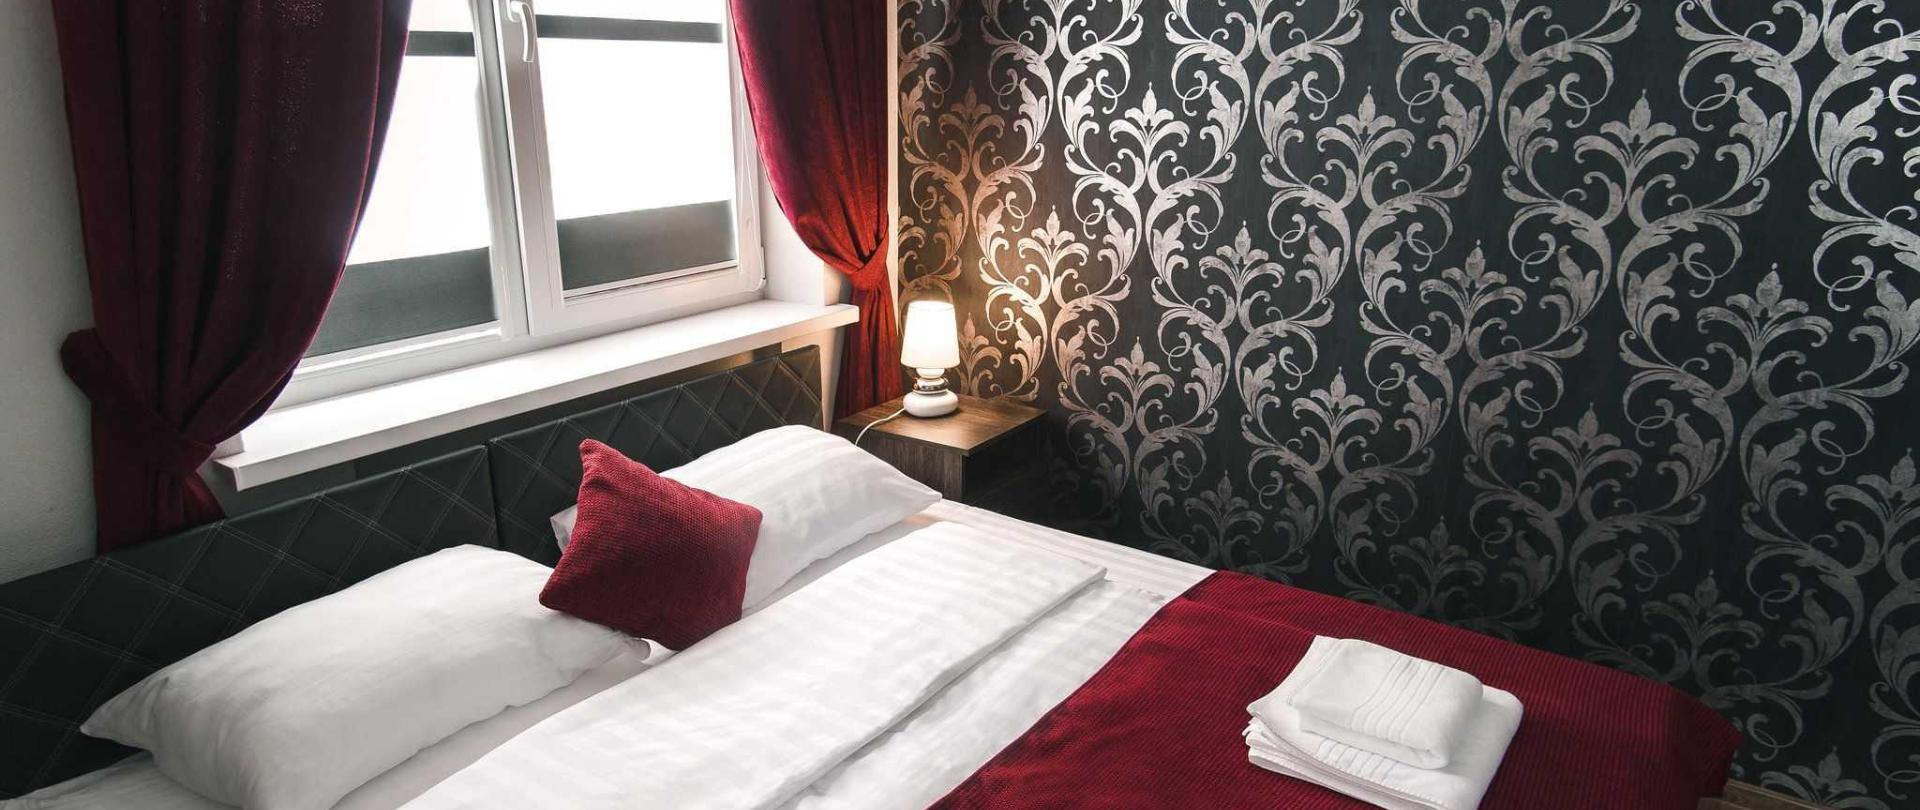 room-dream-3.JPG